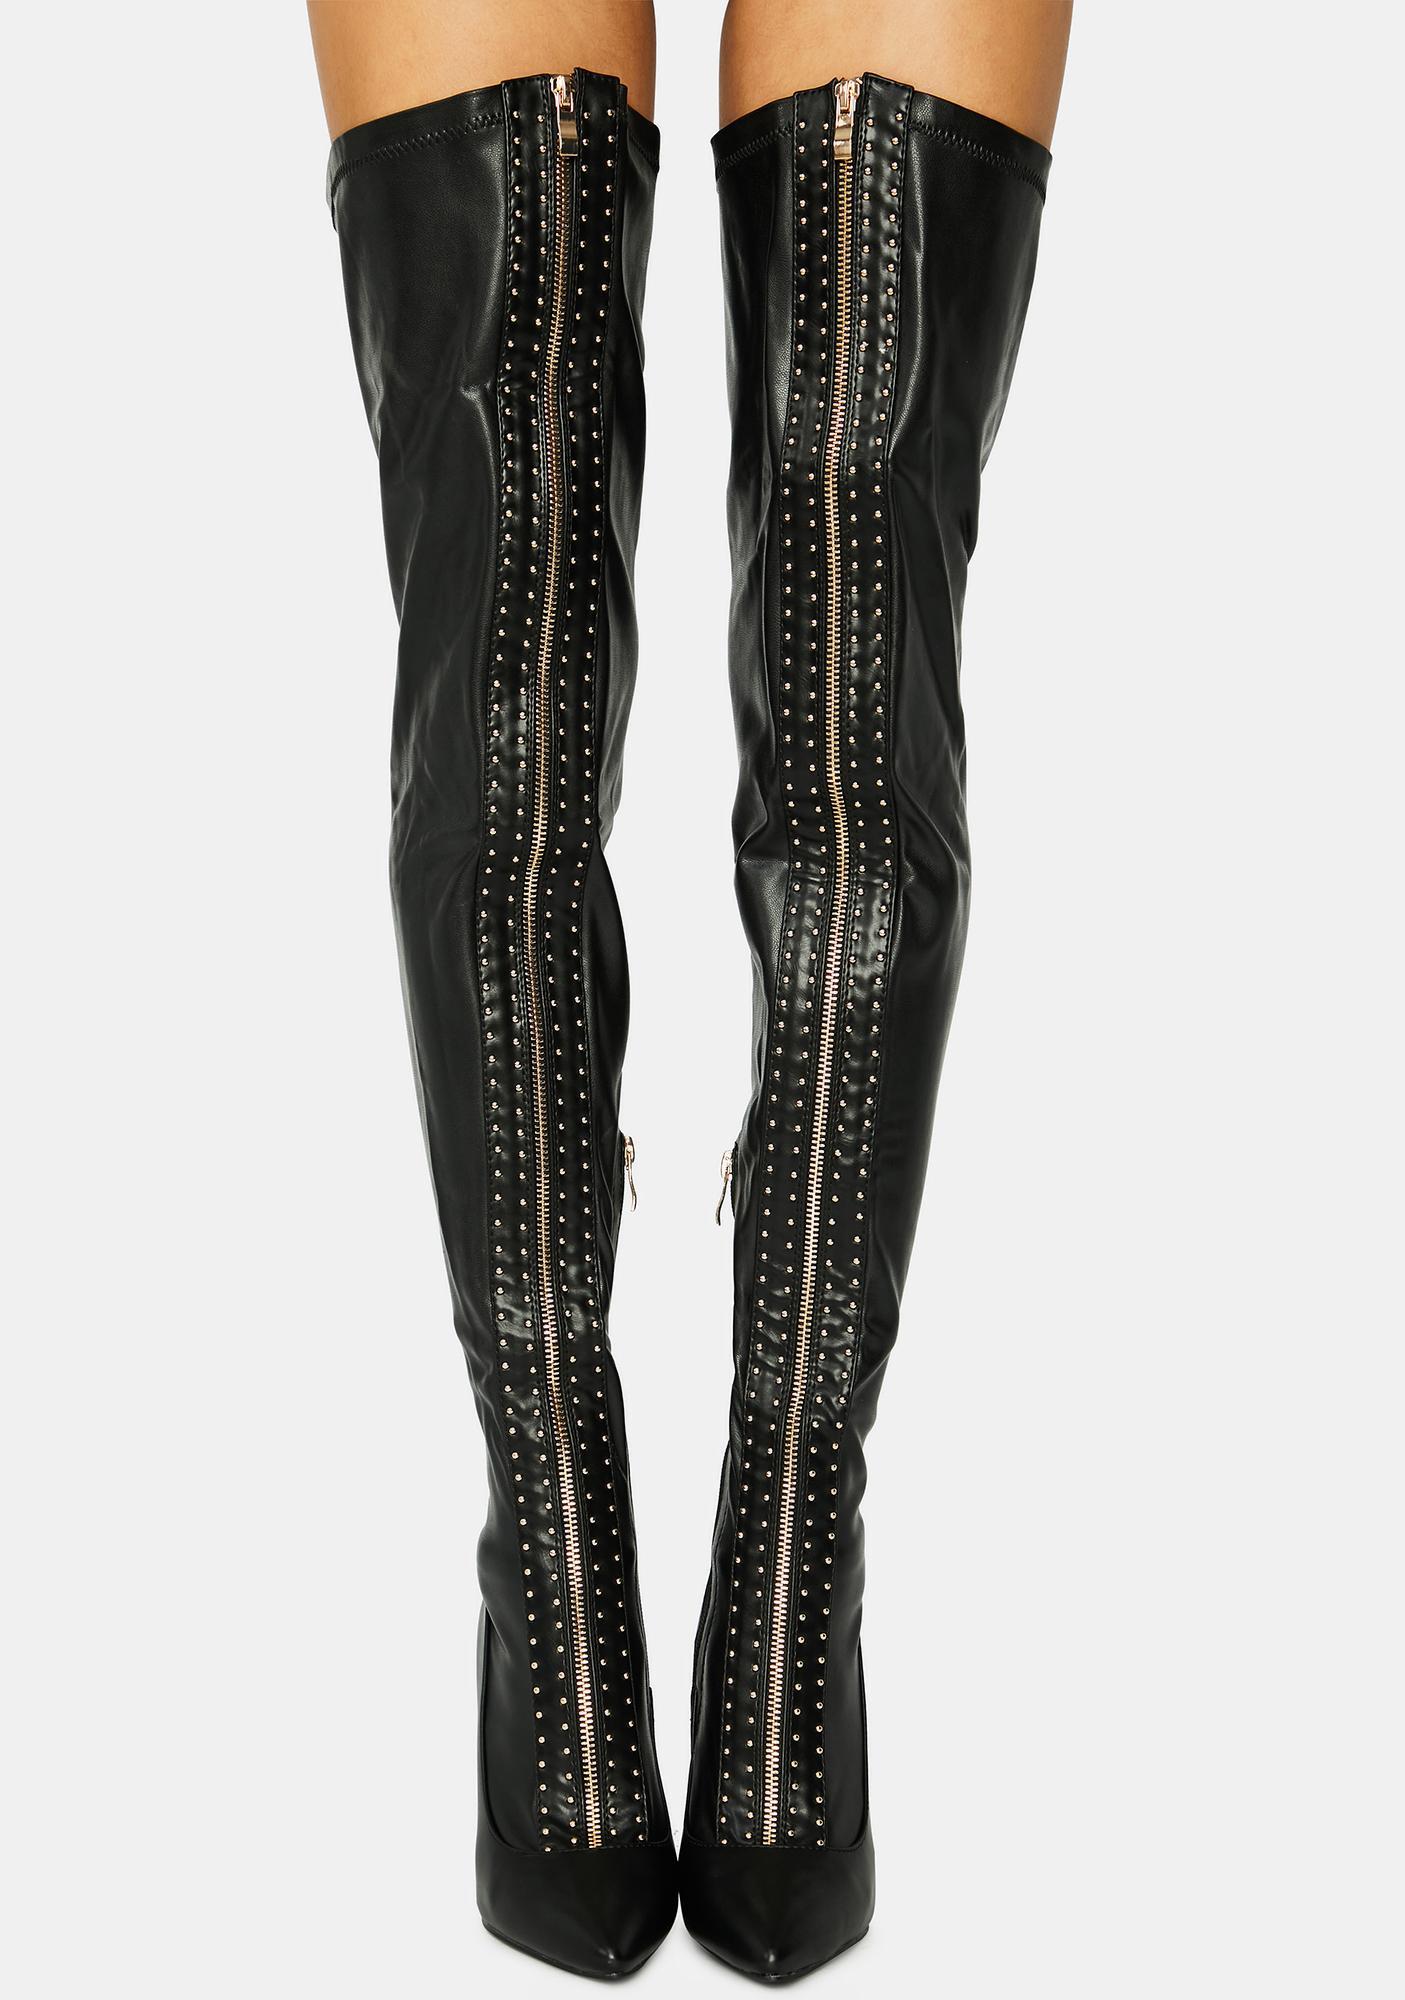 AZALEA WANG Orbit Thigh High Boots